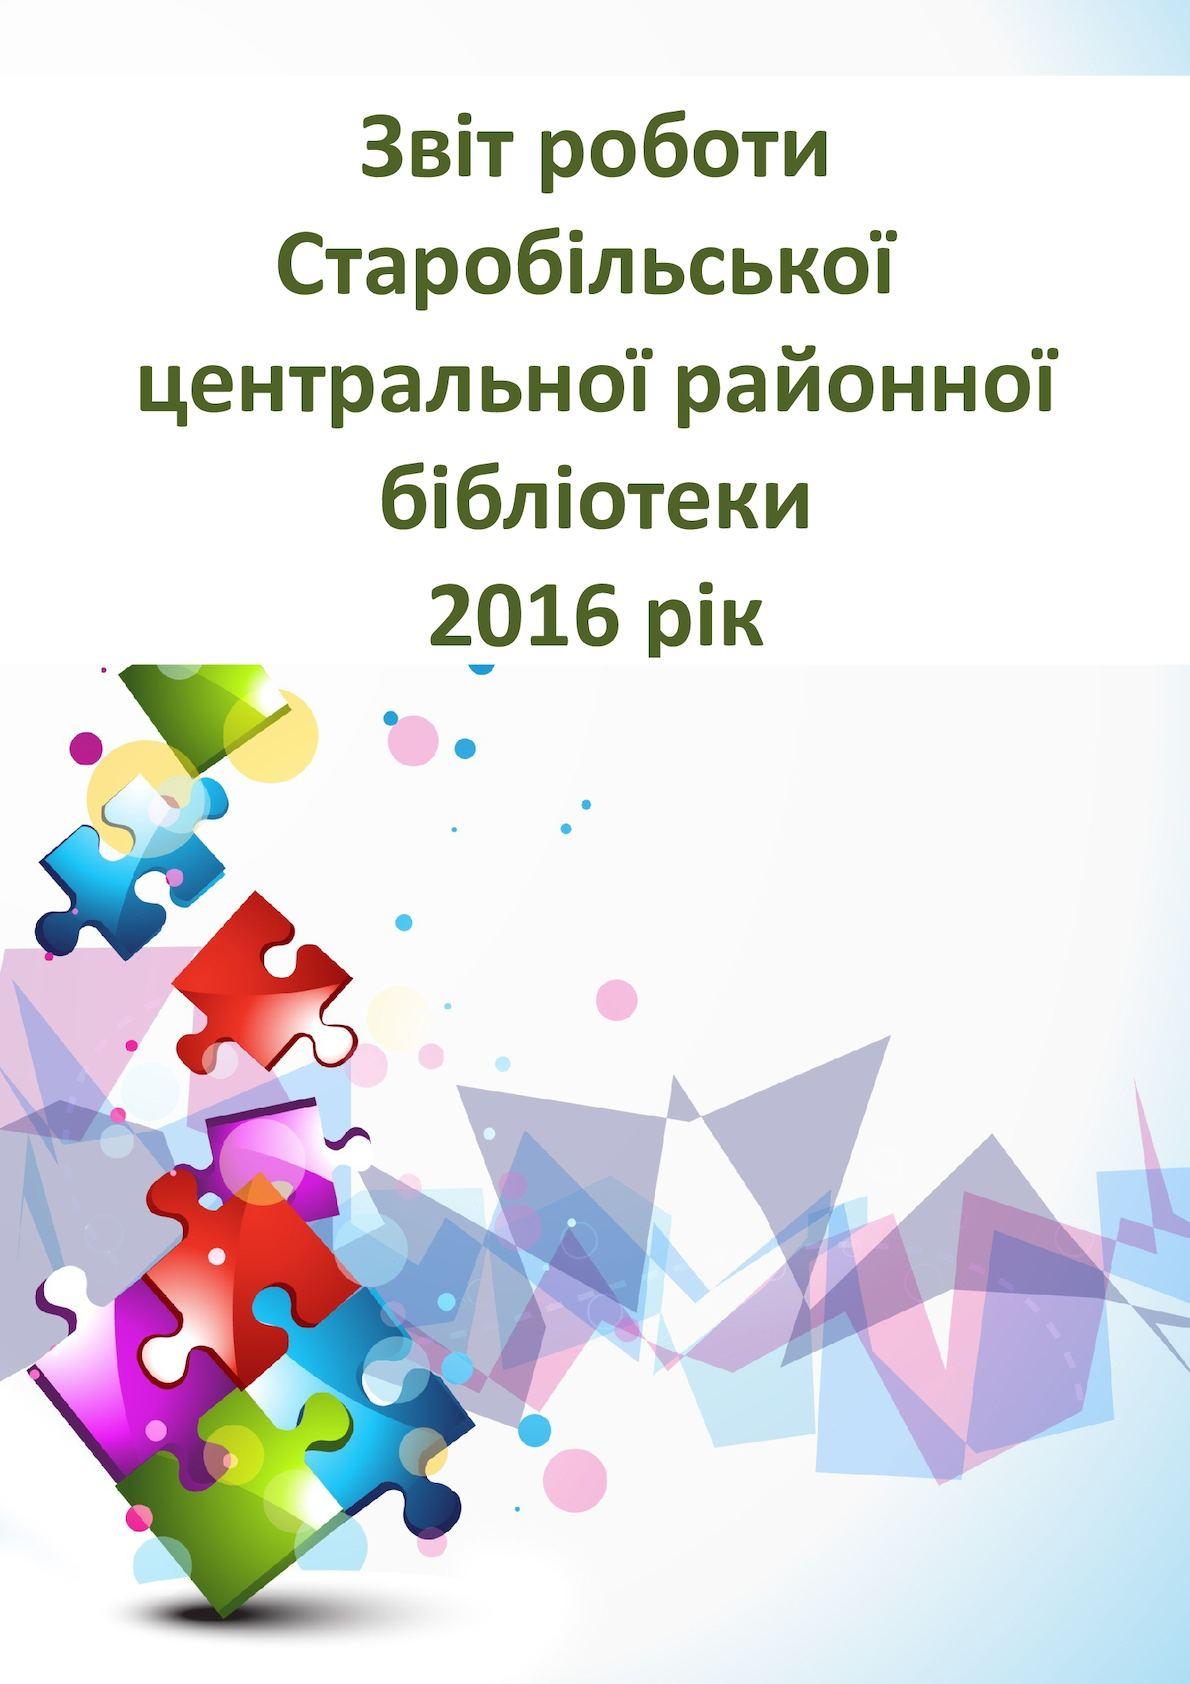 Звіт роботи Старобільської ЦРБ за 2016 рік